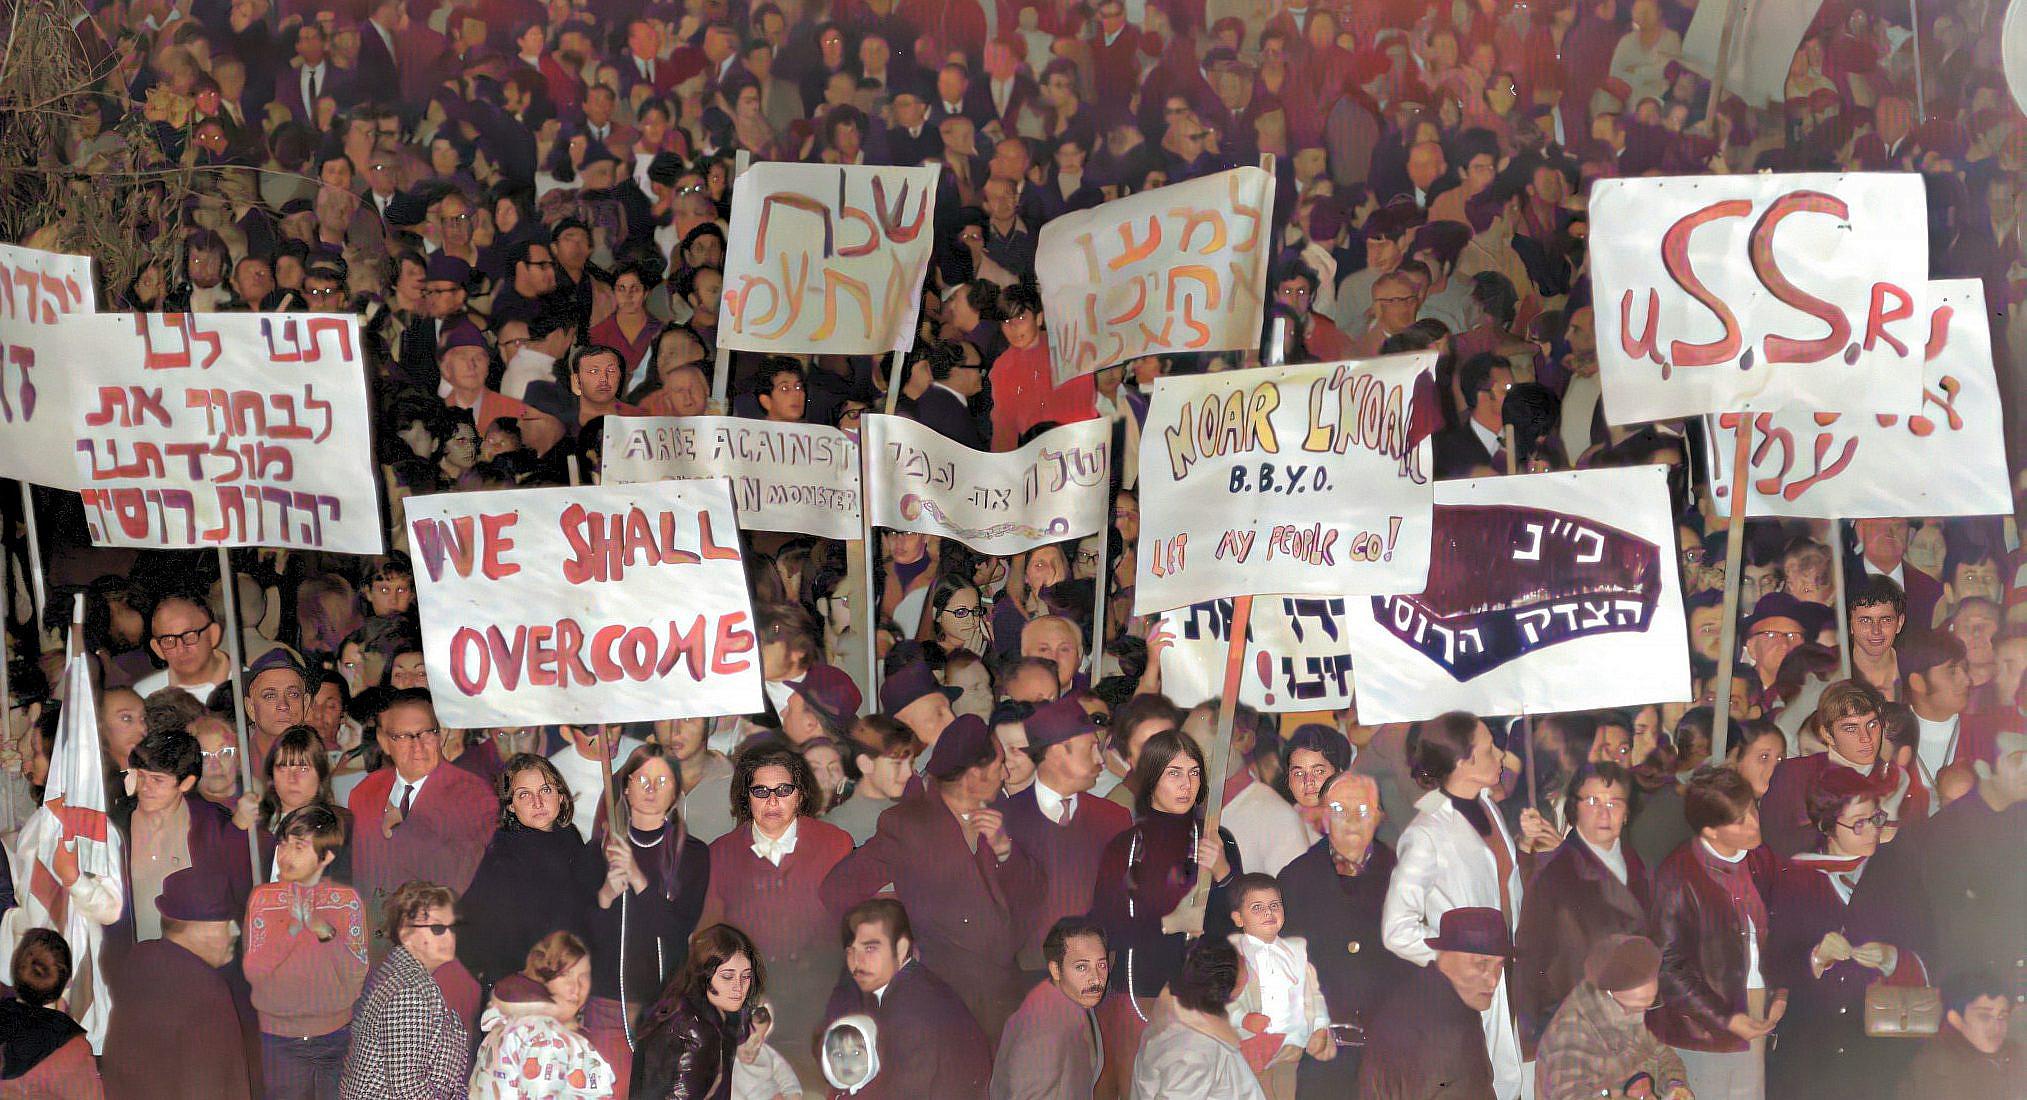 """הפגנה למען העלאת יהודי ברית המועצות. צילום: משה מילנר, לע""""מ (תמונה צבועה על-ידי MyHeritage)"""